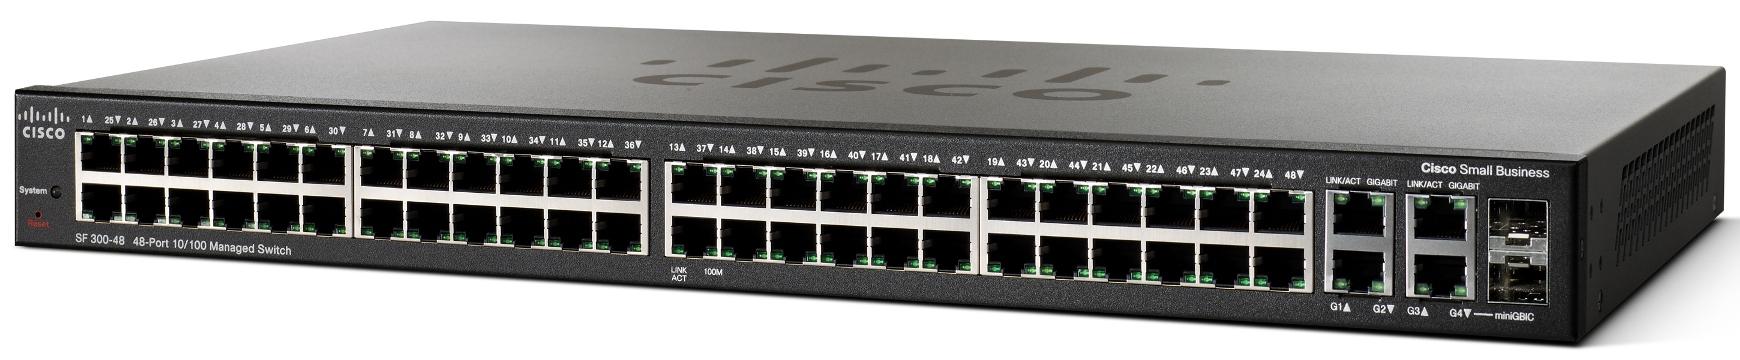 Cisco SRW248G4-K9 SF300-48 48-port 10/100 Managed Switch with Gigabit Uplinks